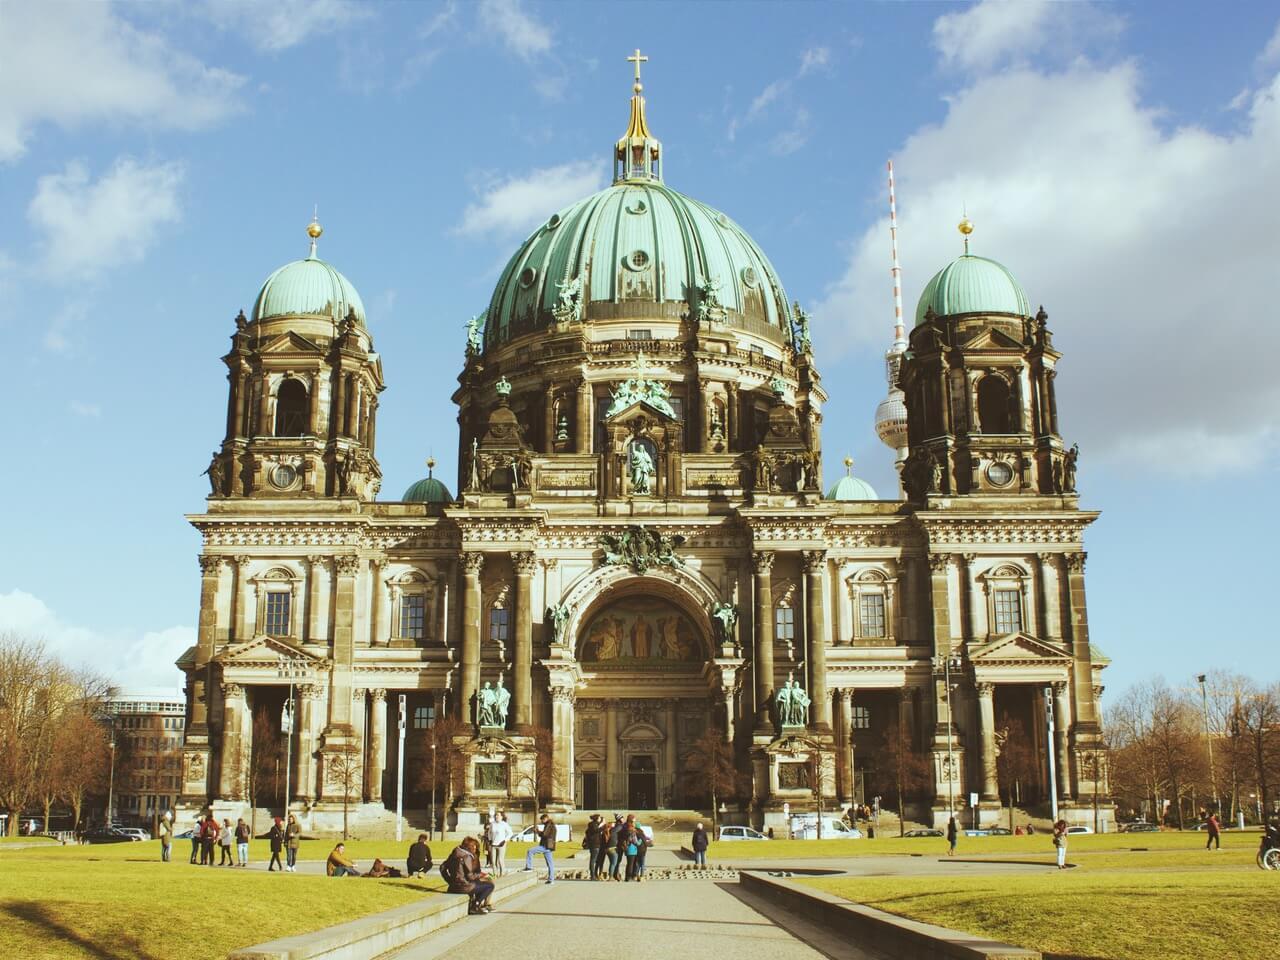 Almanca Öğrenmenin Pratik ve Hızlı Yolu Almanca Özel Ders Almaktan Geçiyor